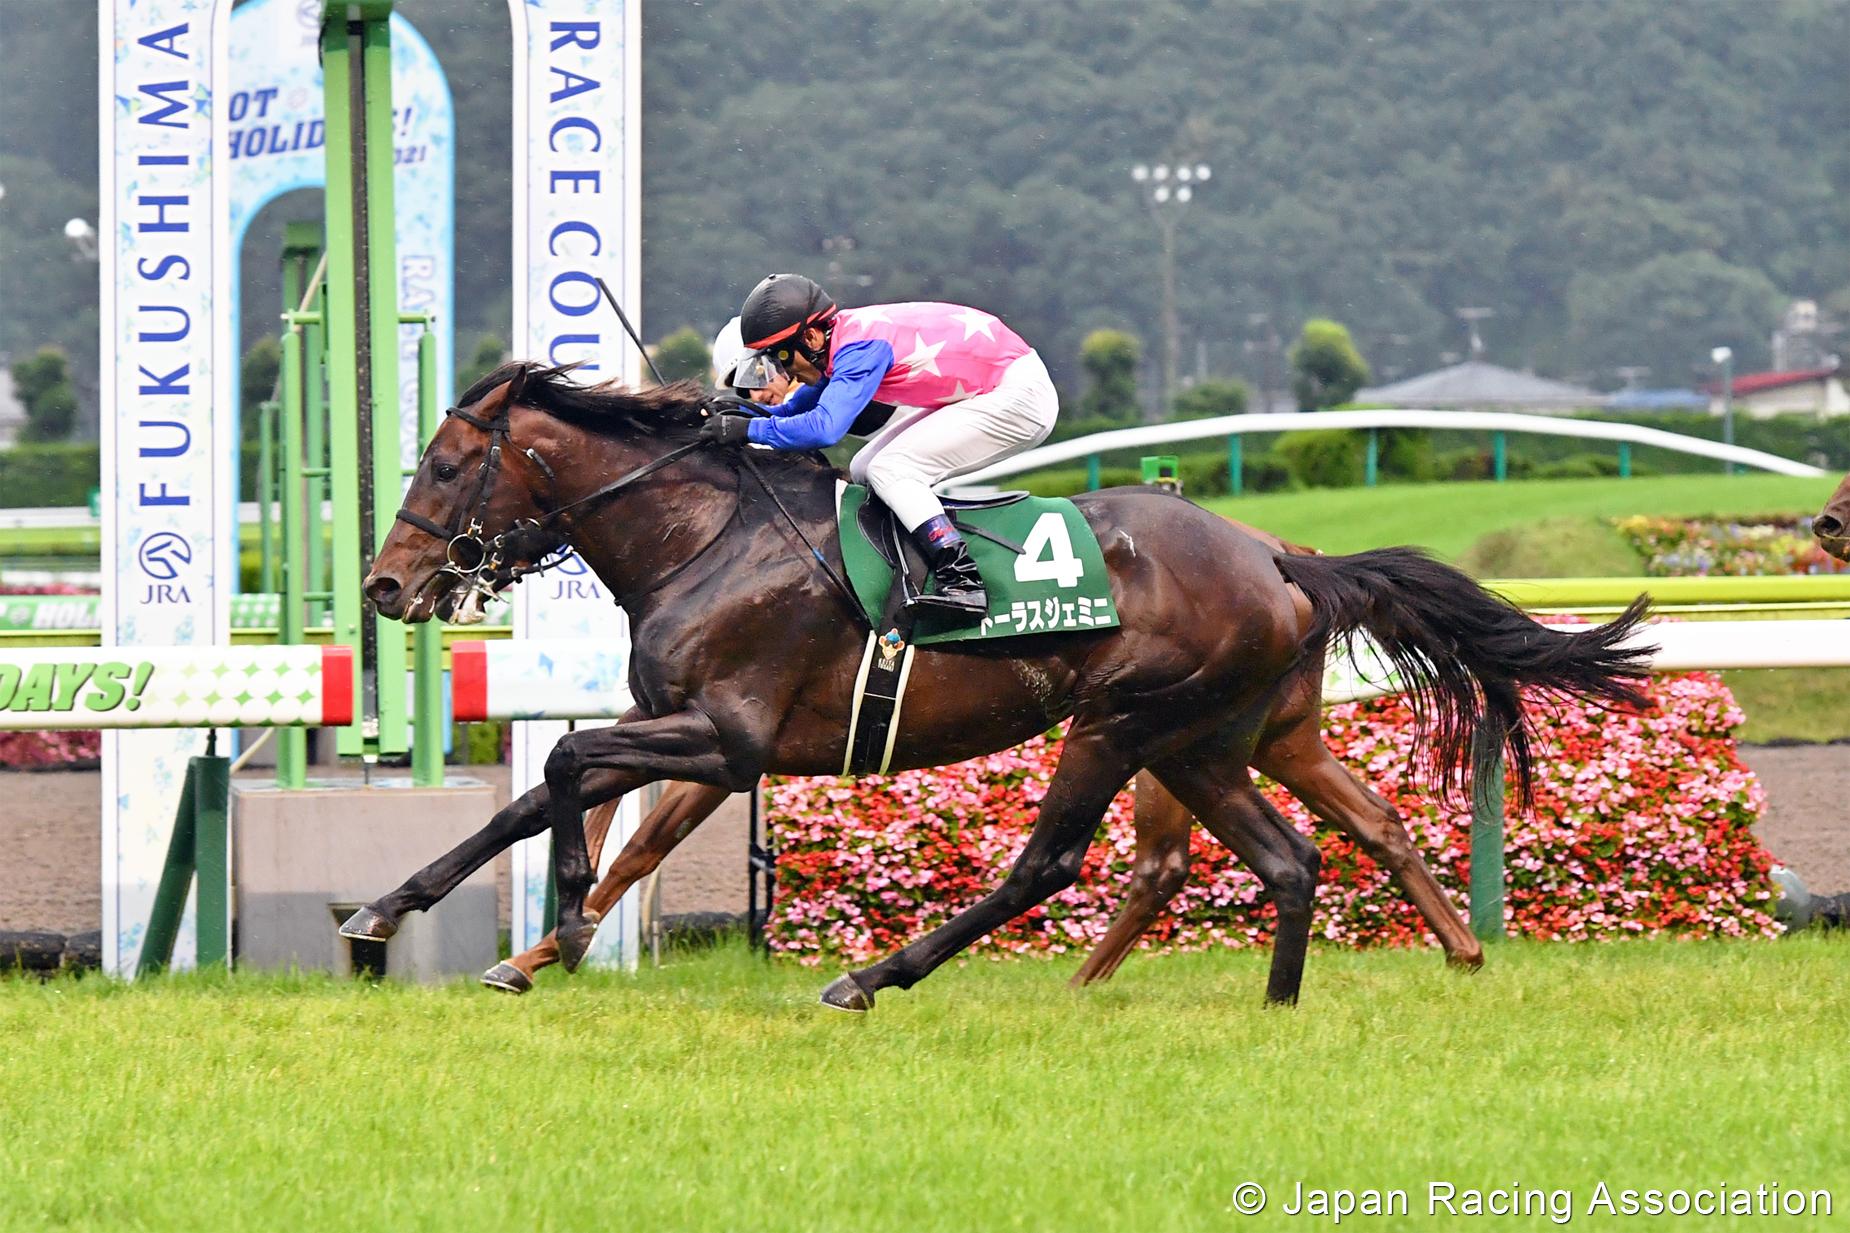 แข่งม้า ญี่ปุ่น